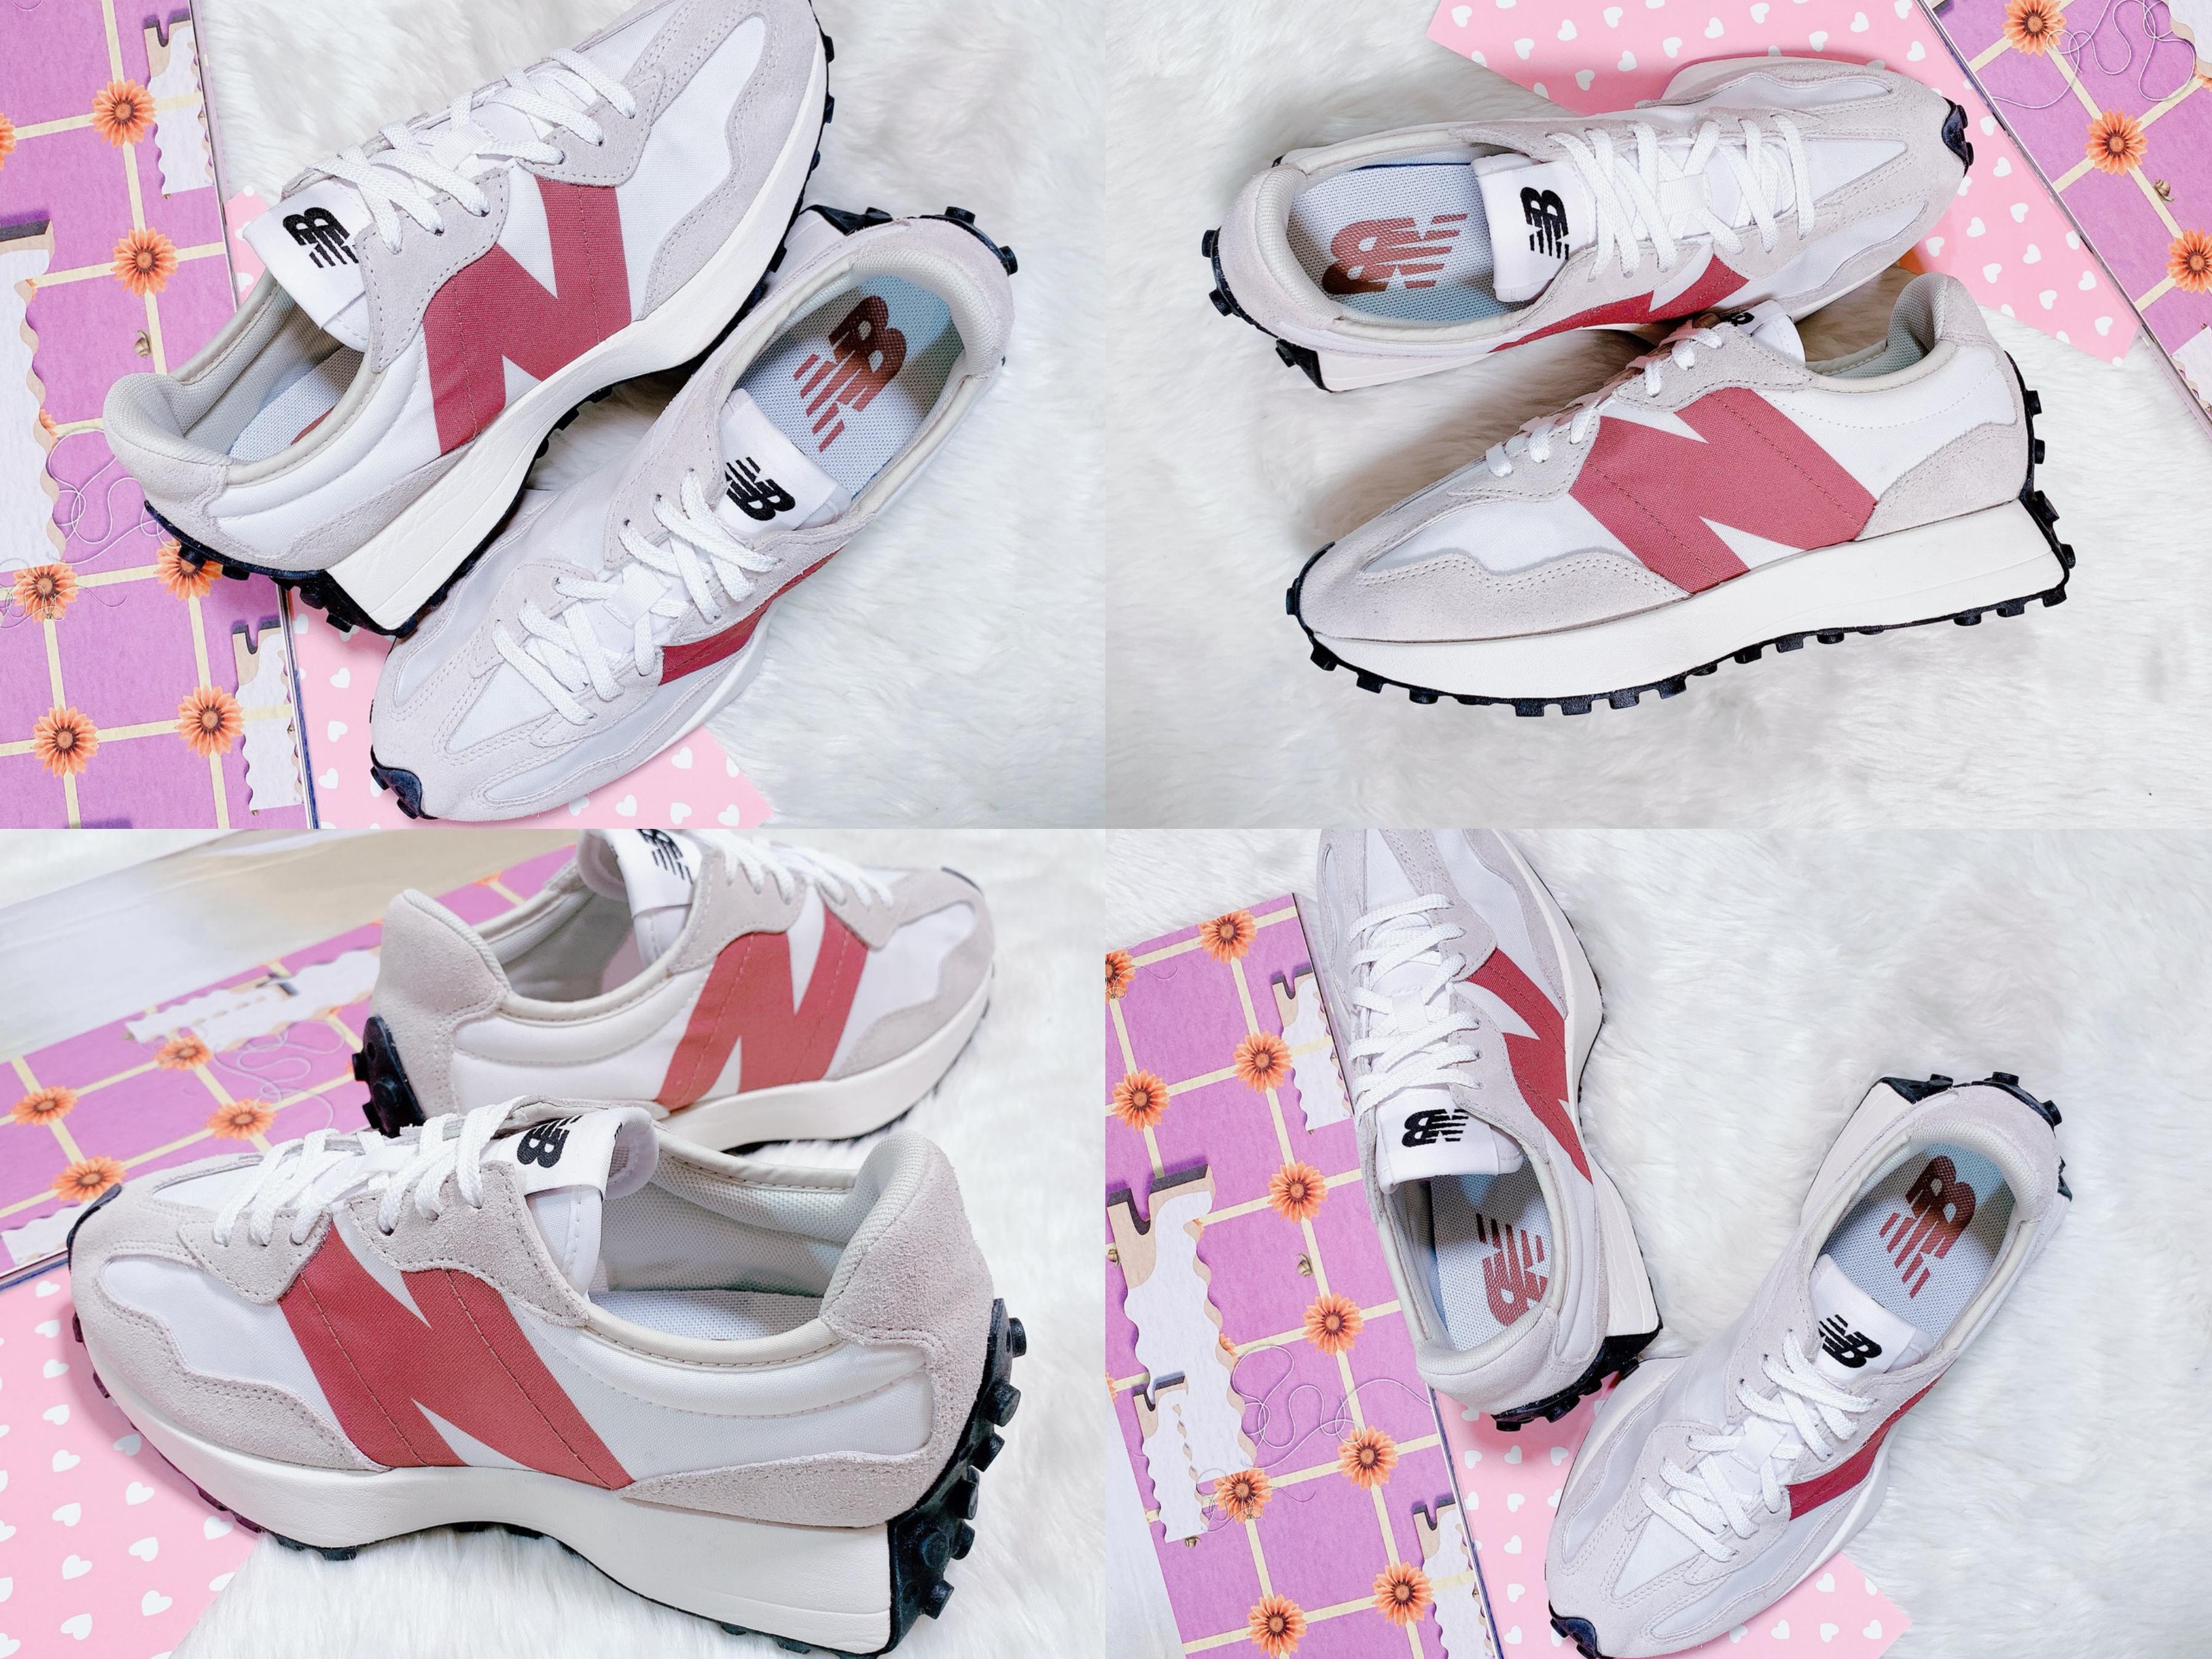 NB的年度熱門鞋款327,是創新與復古重塑解構的美學代表作